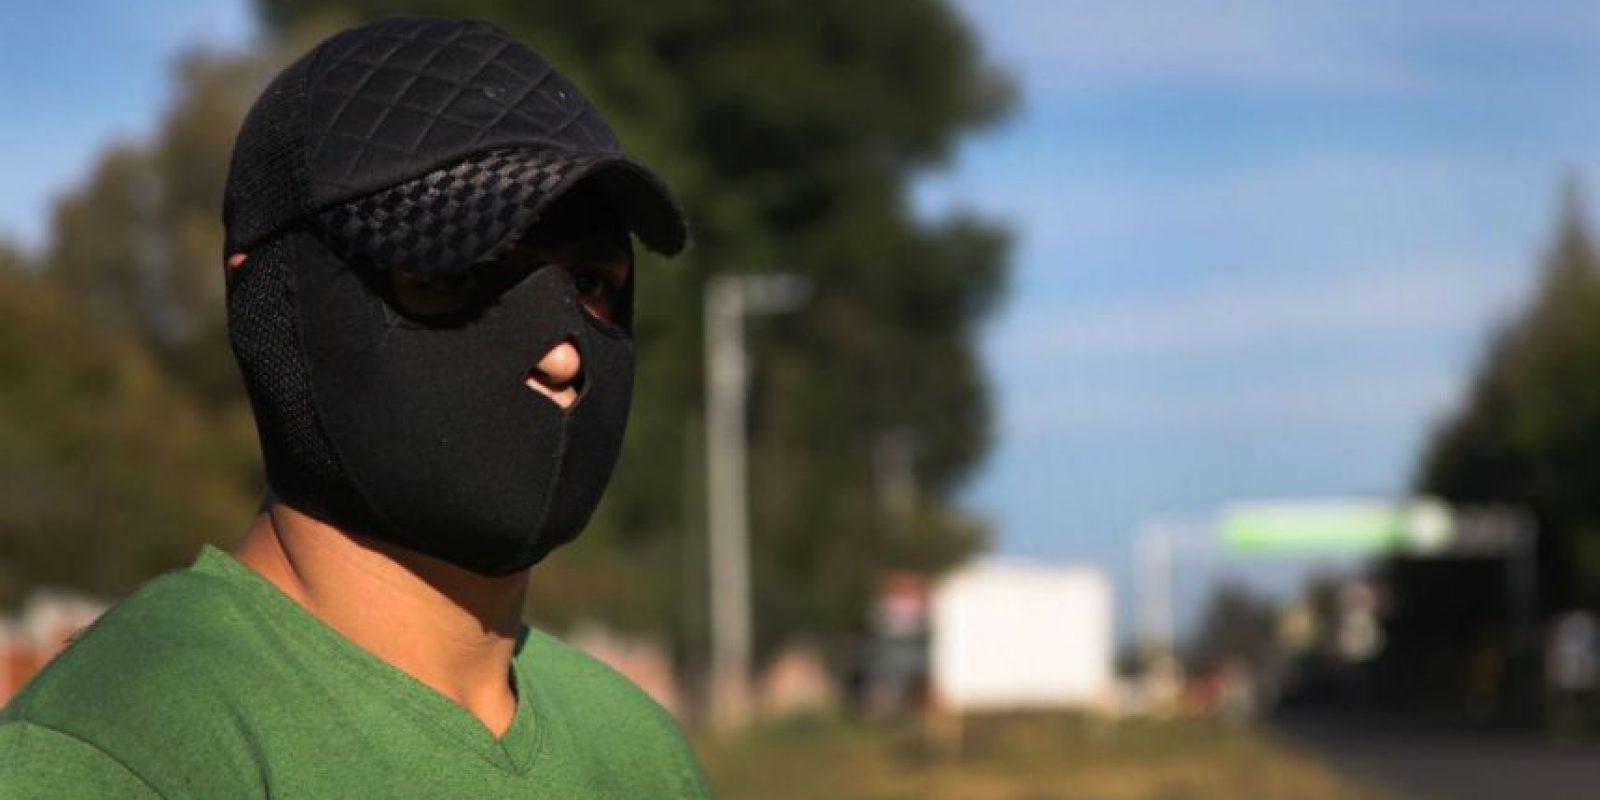 El fin de los grupos de autodefensa se realizó a dos semanas de que se cumplieran dos años de su surgimiento, en febrero del 2014, en la comunidad de La Ruana, del municipio de Buenavista Tomatlan. Foto:Cuartoscuro